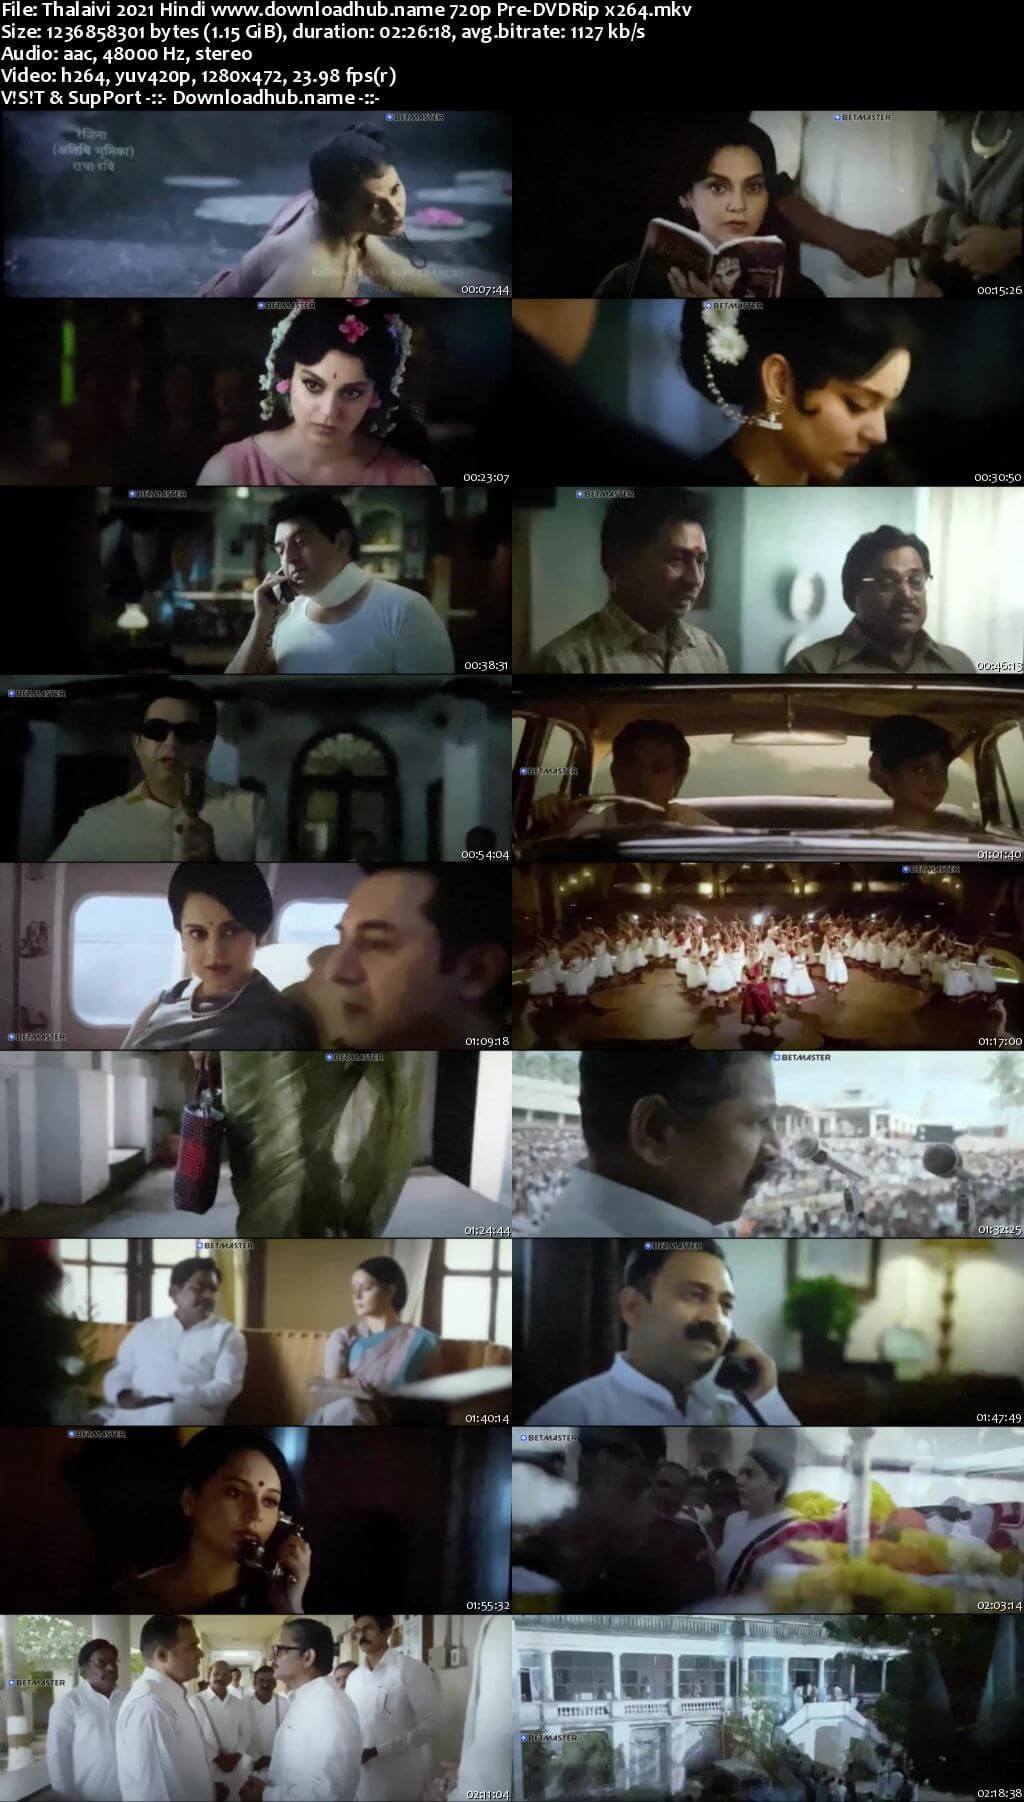 Thalaivi 2021 Hindi 720p 480p Pre-DVDRip x264